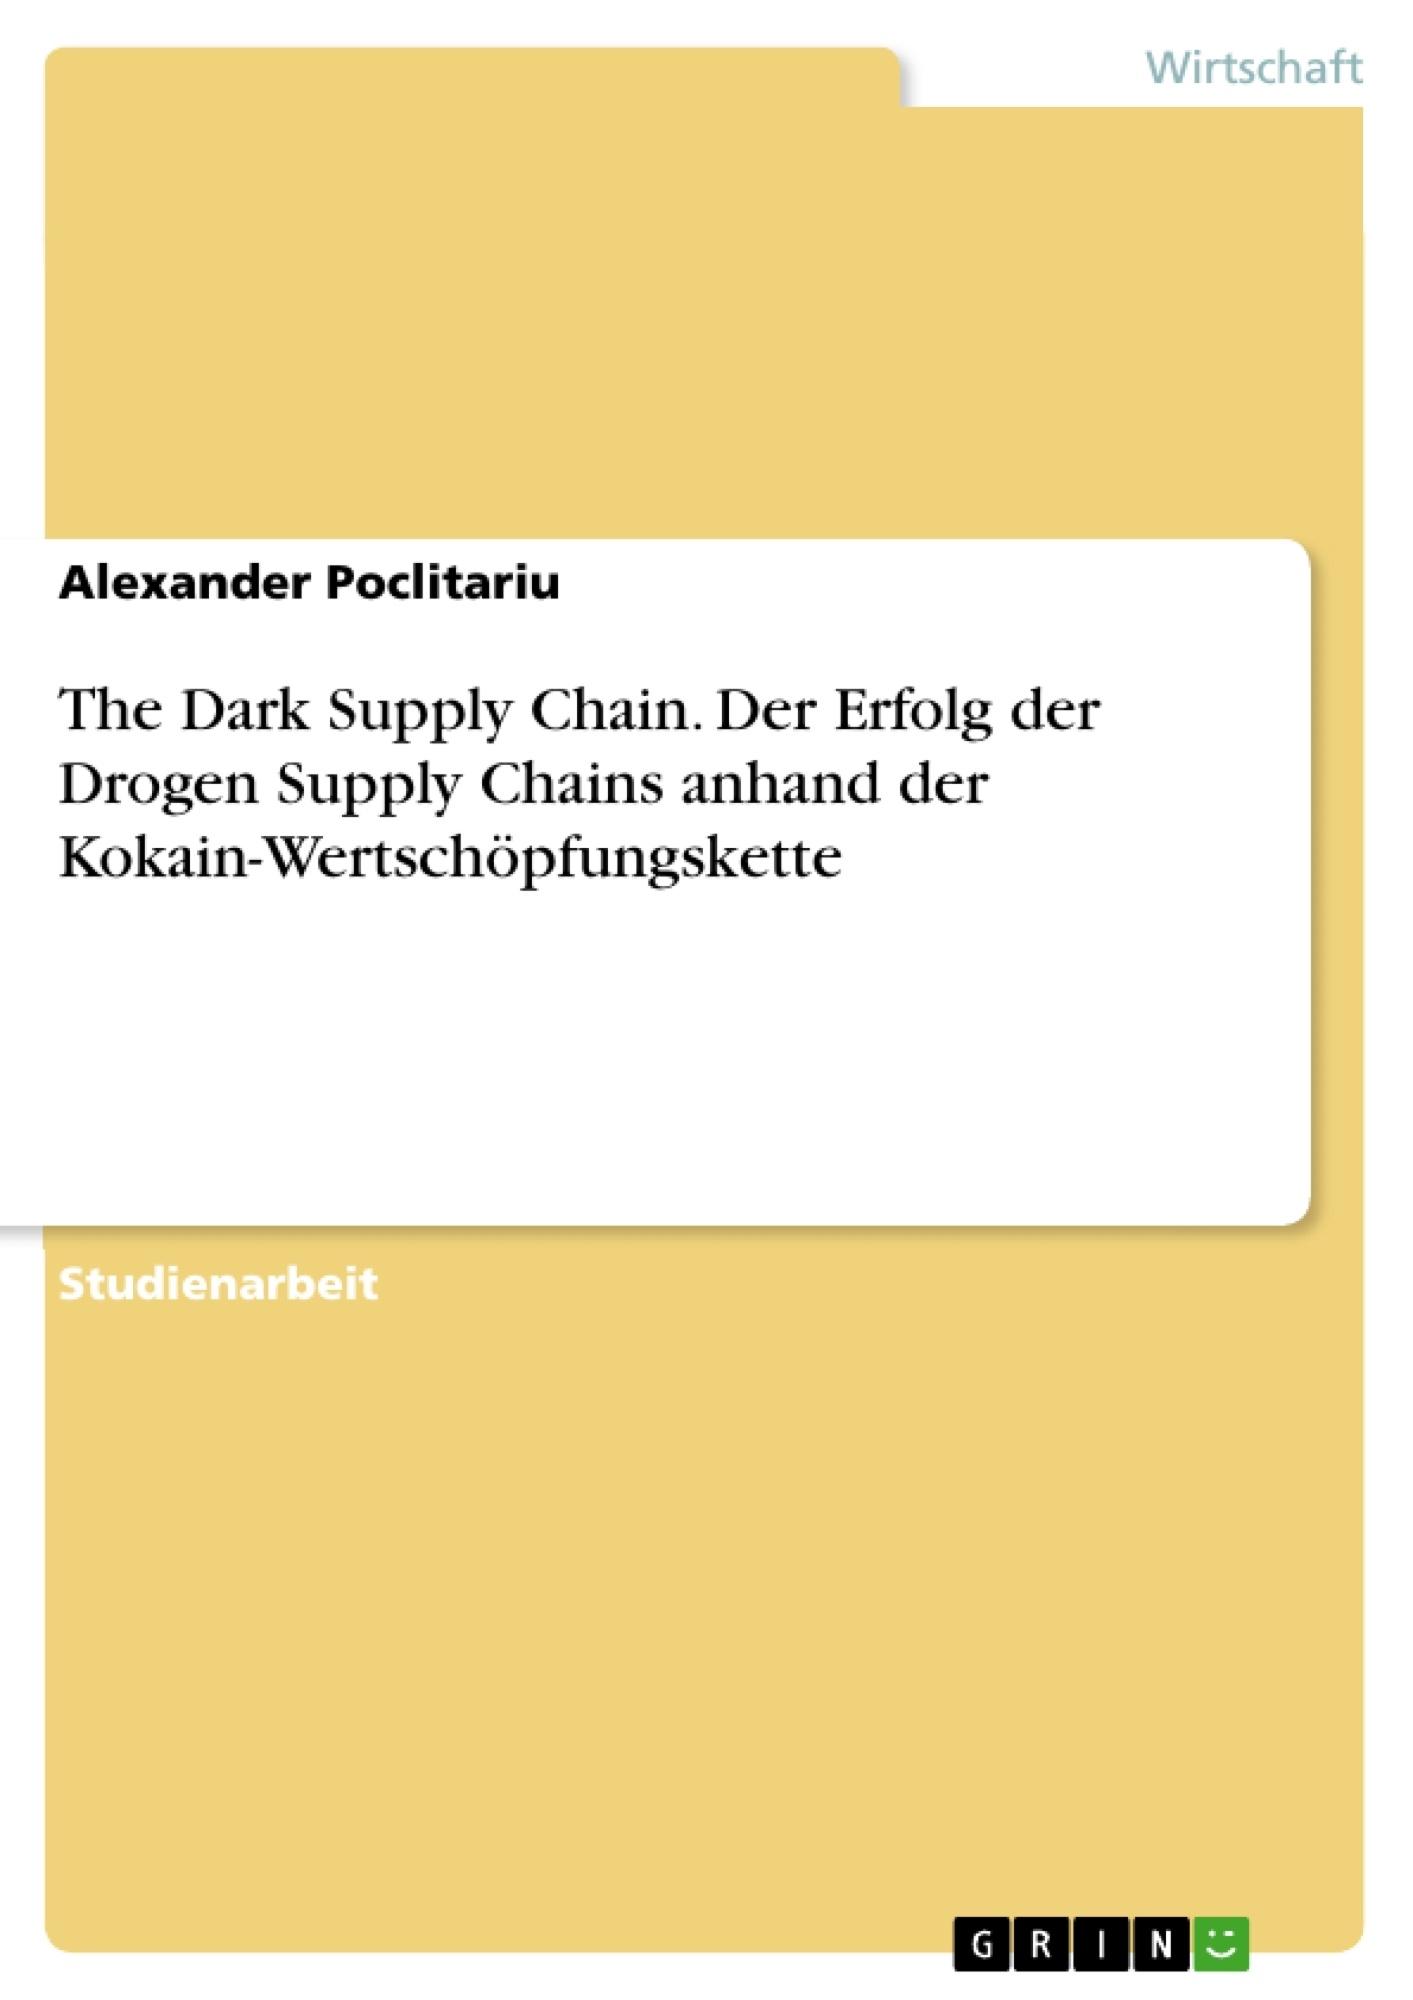 Titel: The Dark Supply Chain. Der Erfolg der Drogen Supply Chains anhand der Kokain-Wertschöpfungskette